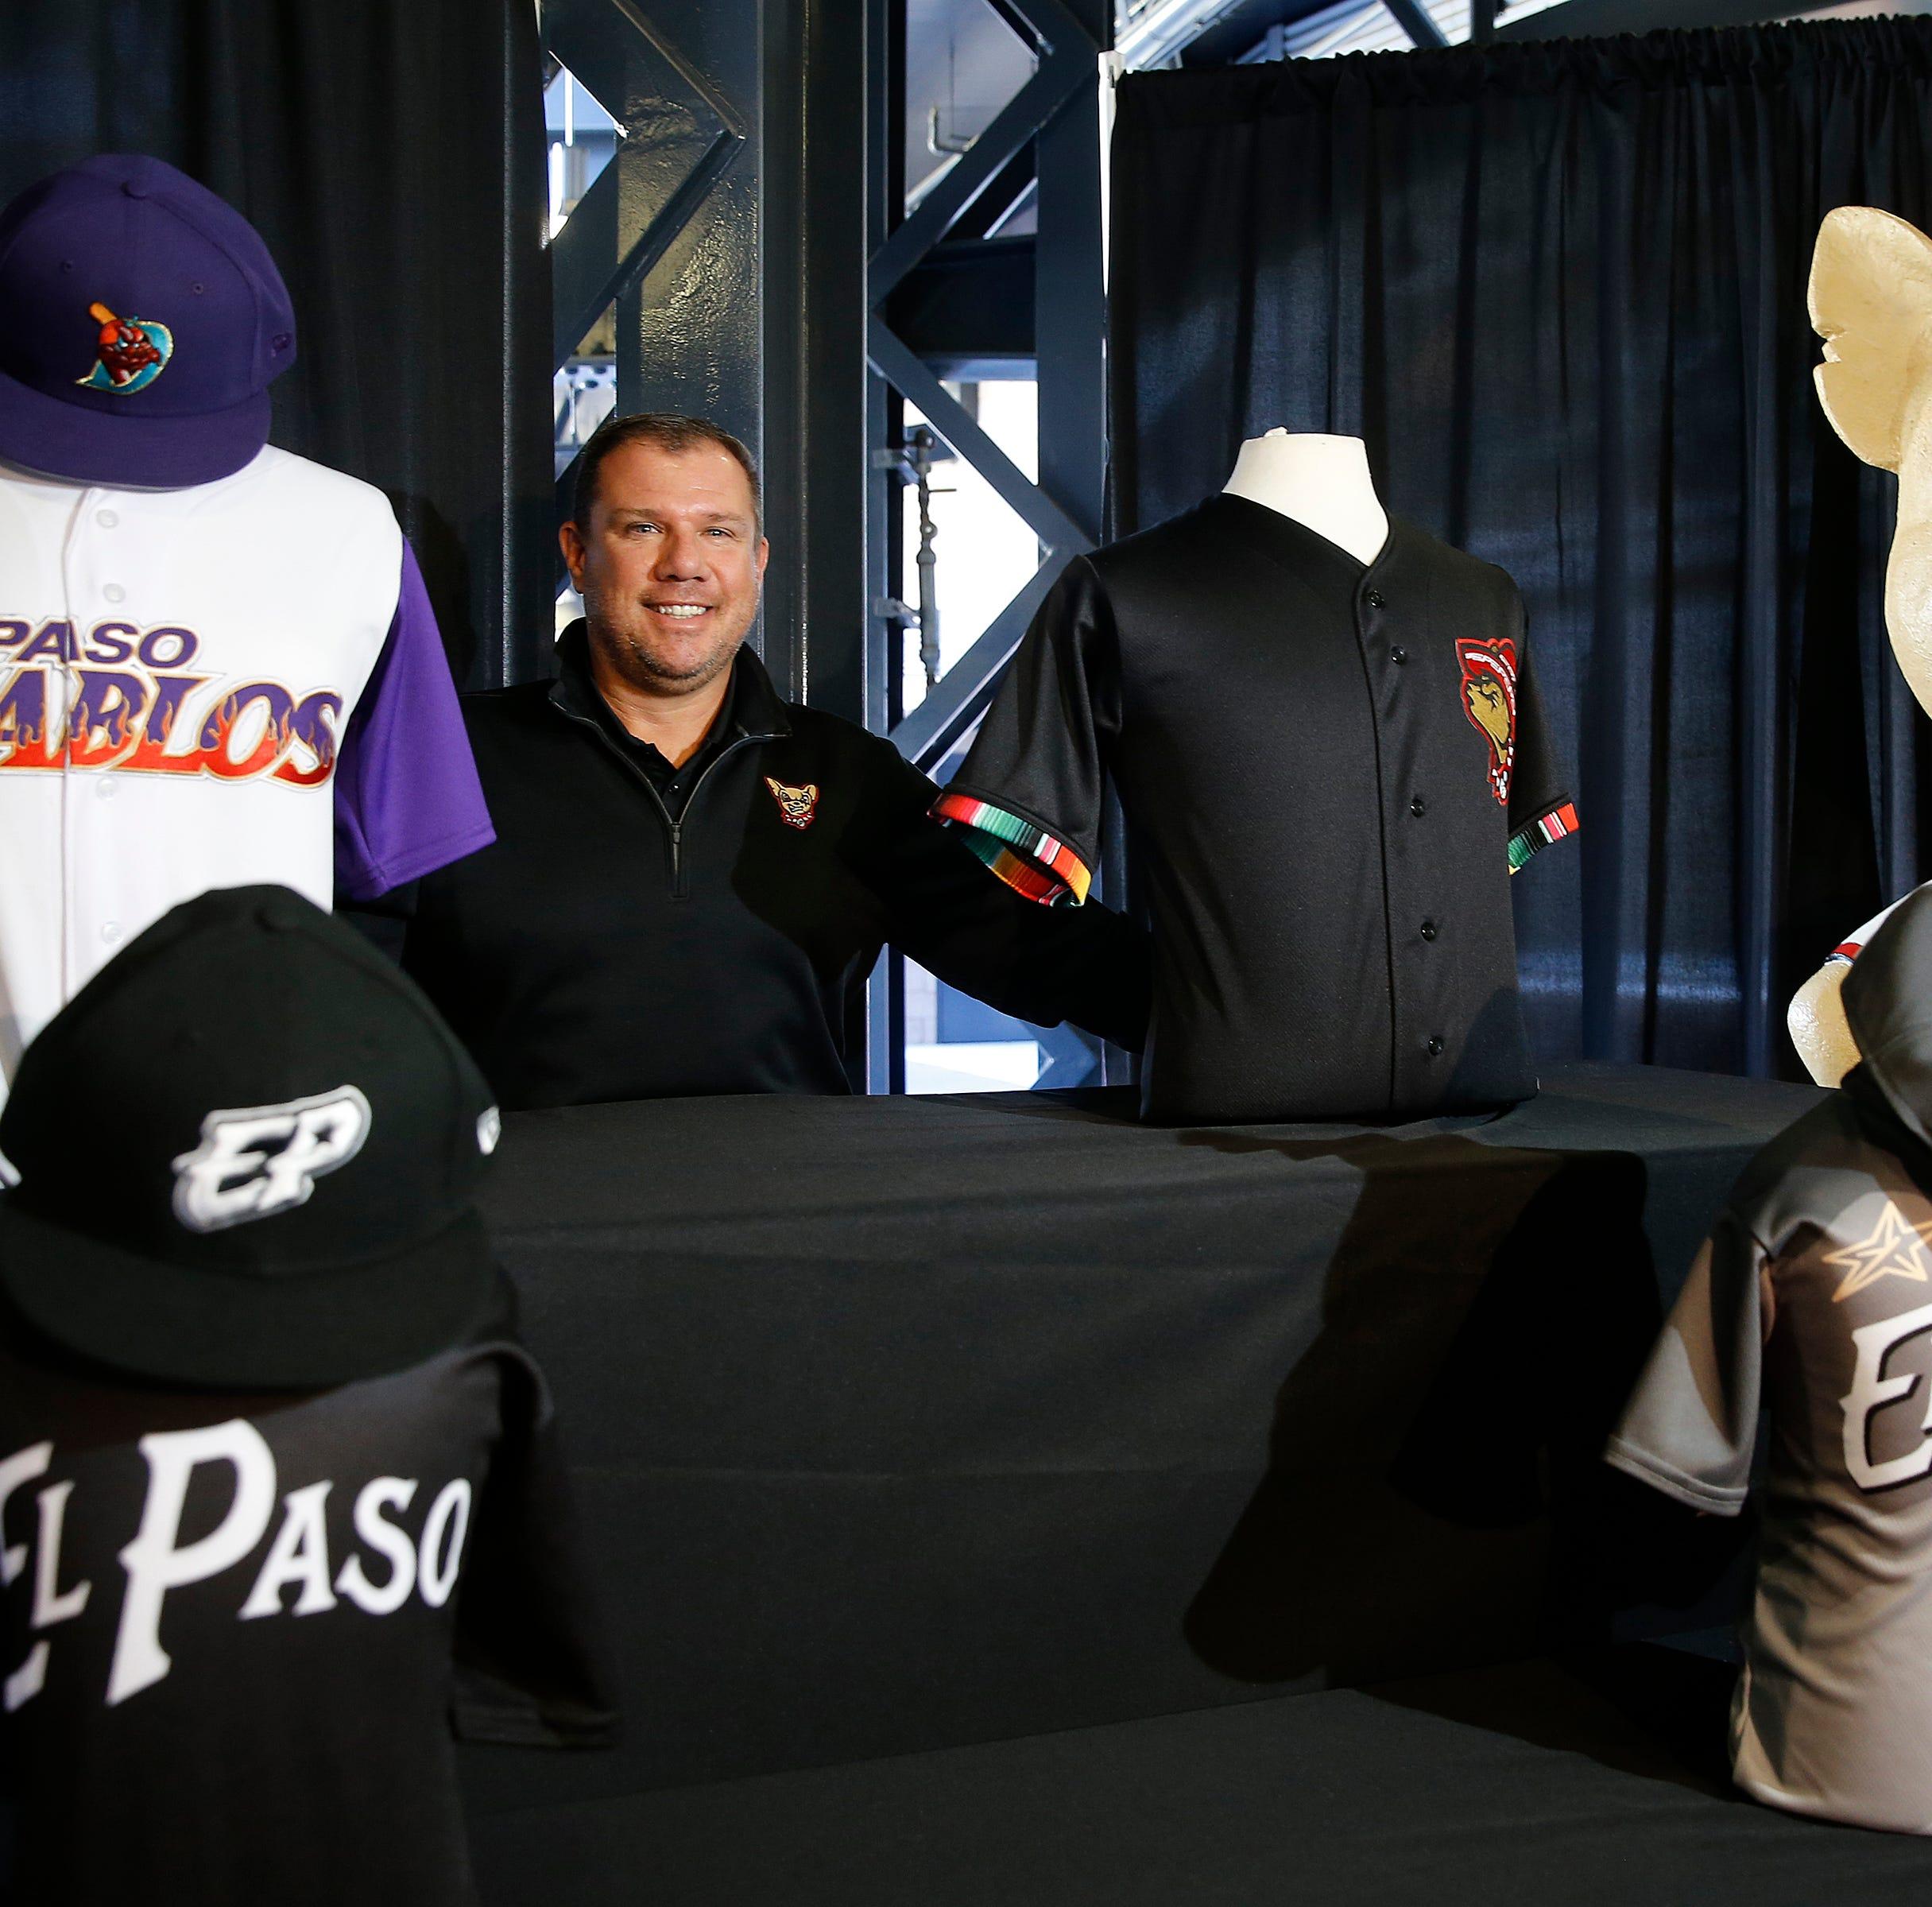 El Paso's Triple-A Chihuahuas unveil new jerseys, logo for 2019 All-Star season